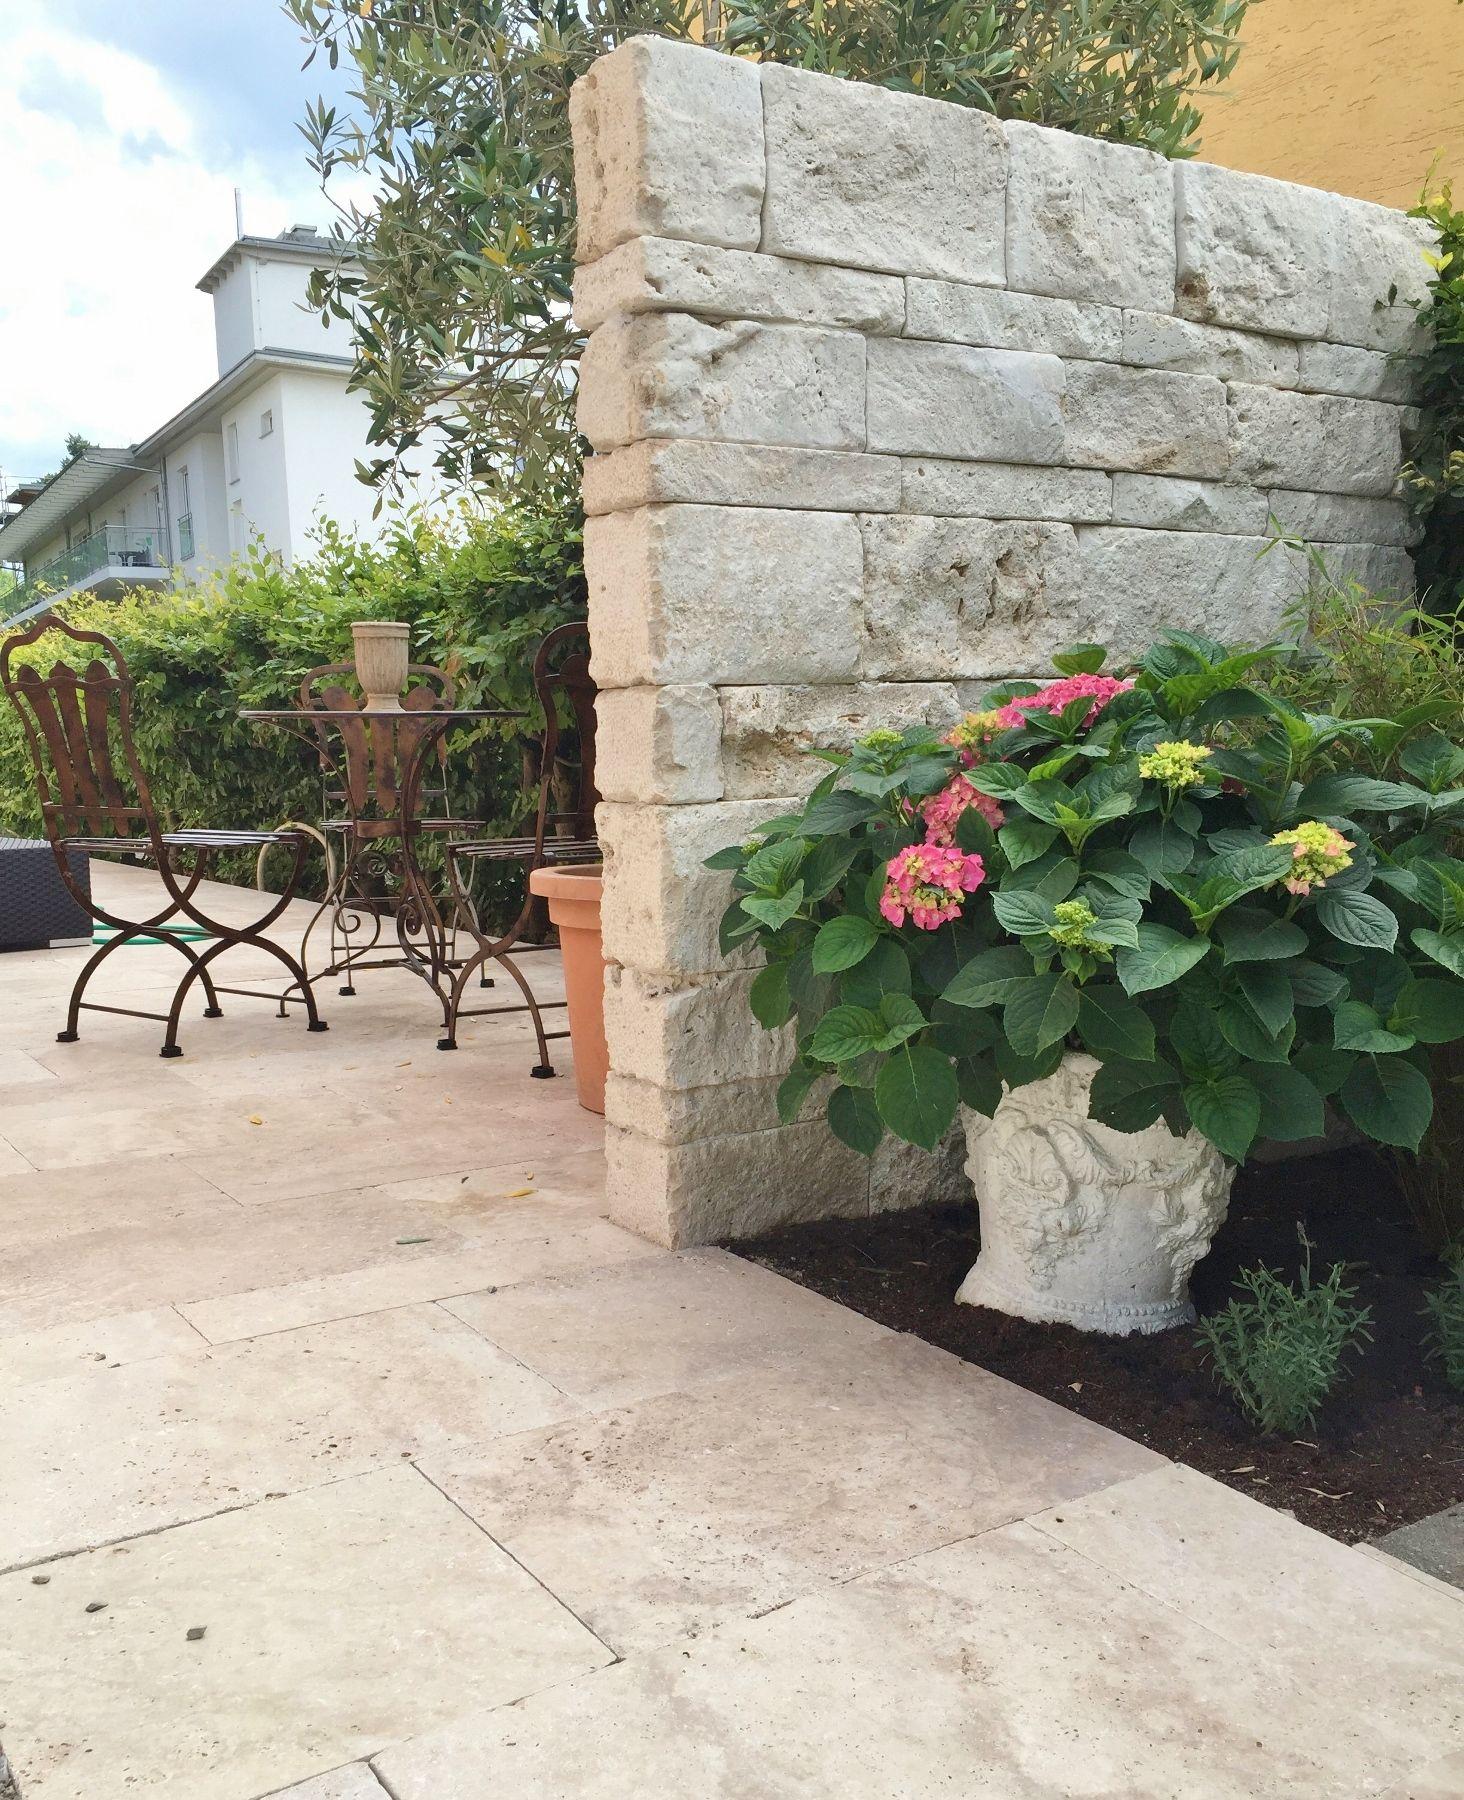 Travertin Mauersteine für einen Toskanischen Garten.